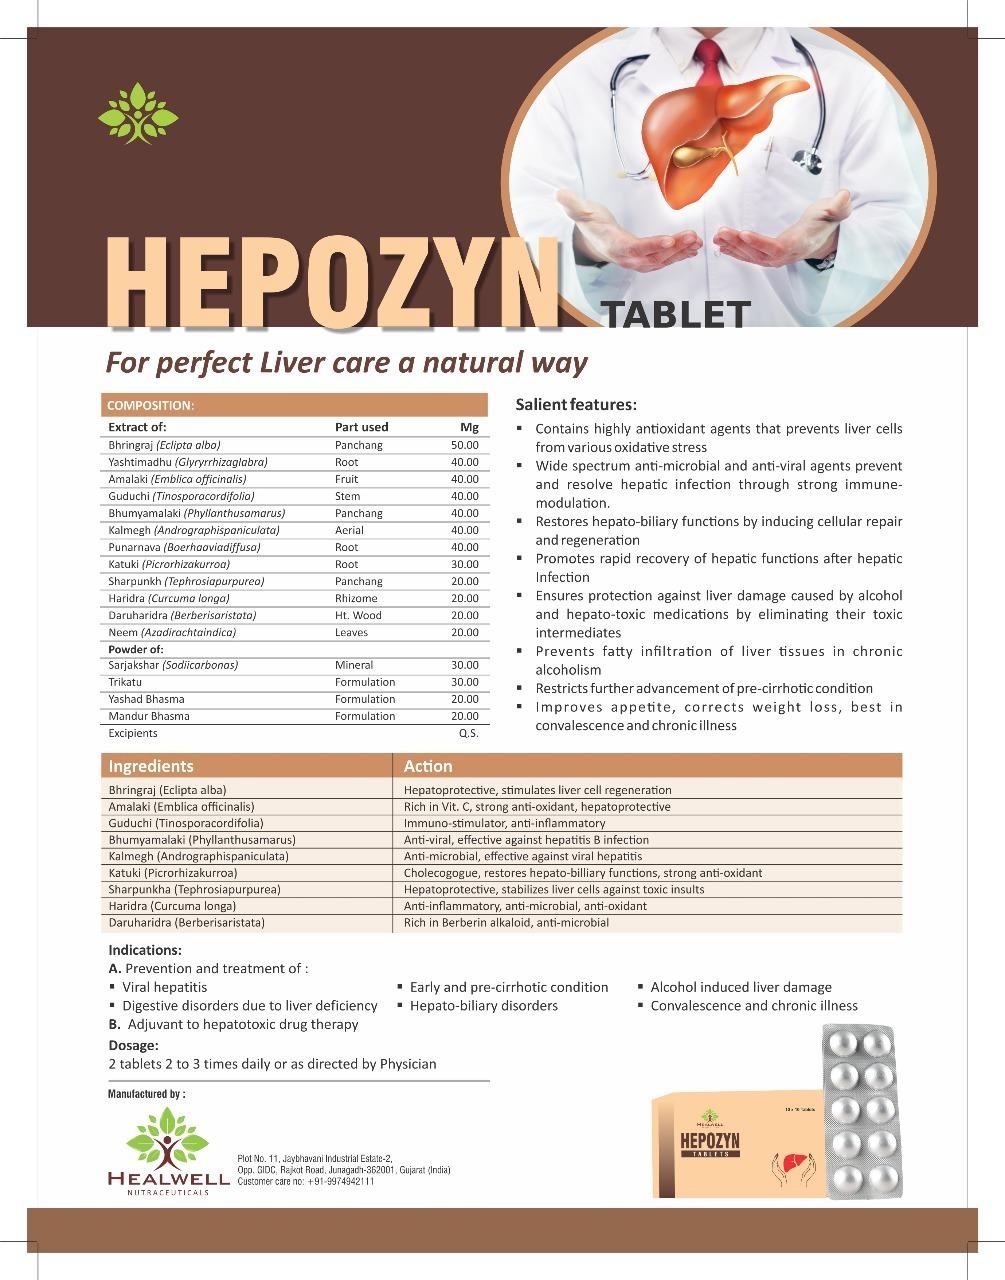 Herbal Hepozyn Tablet